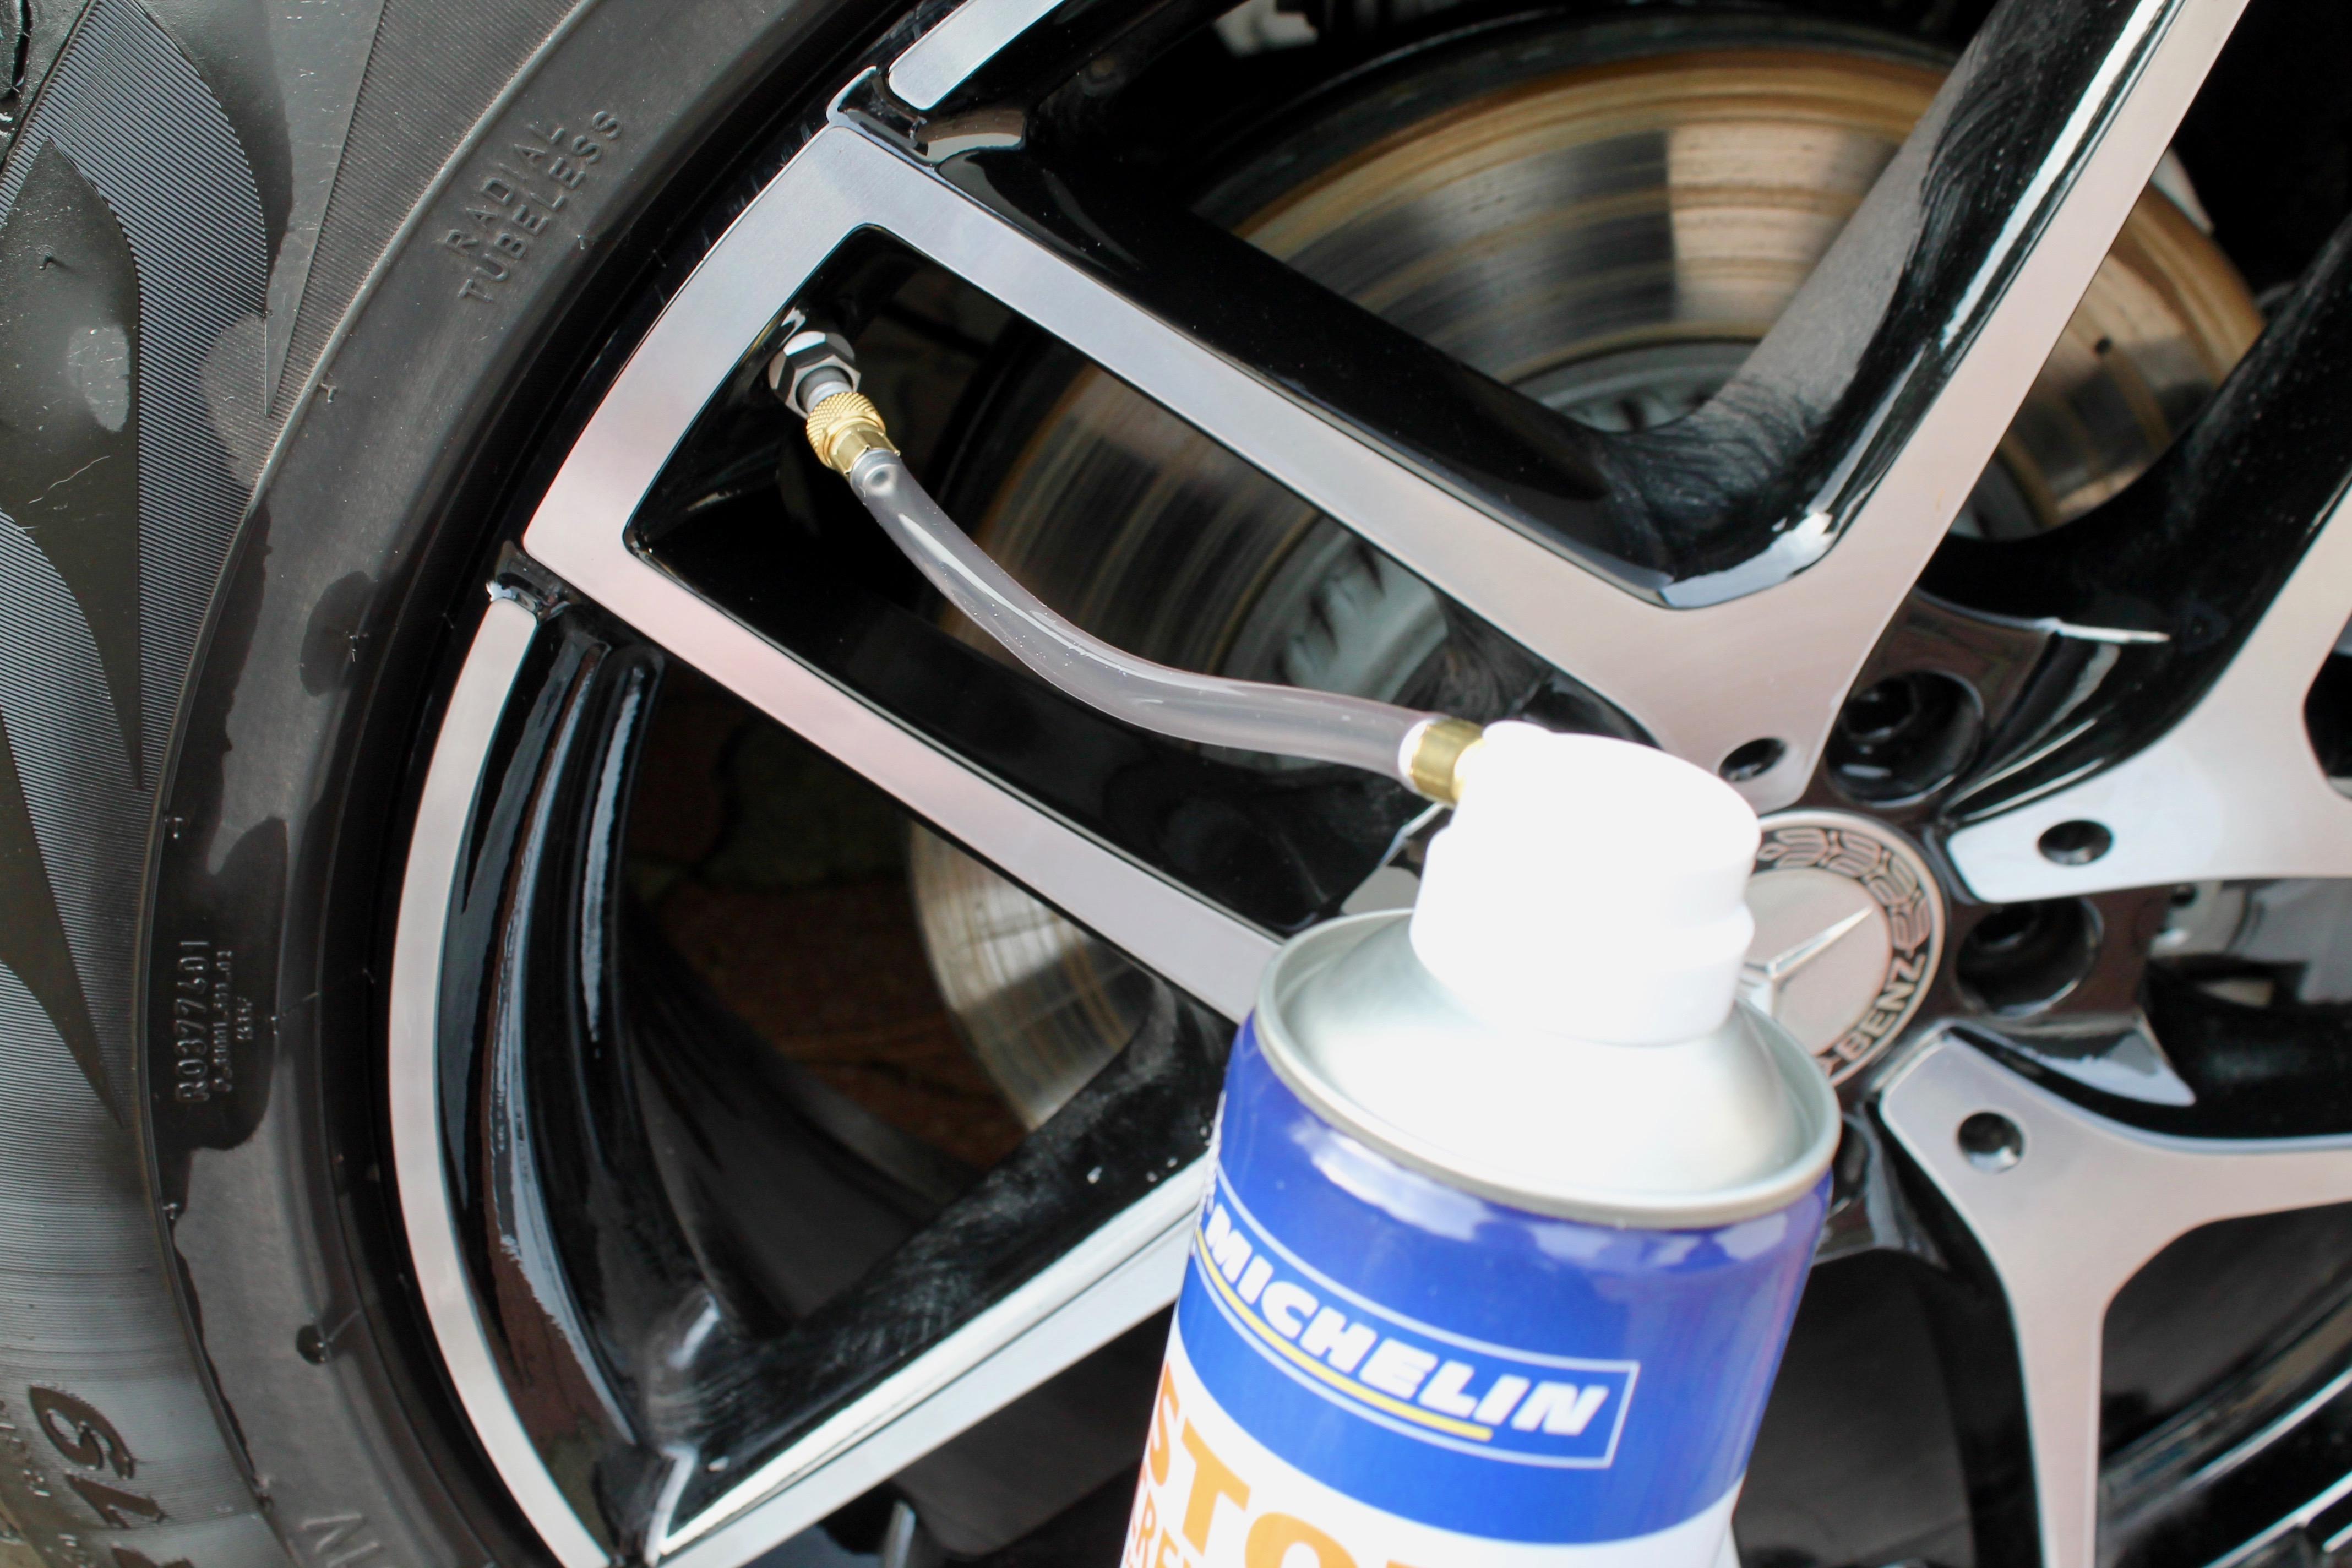 reparation de pneu tubeless sans quit